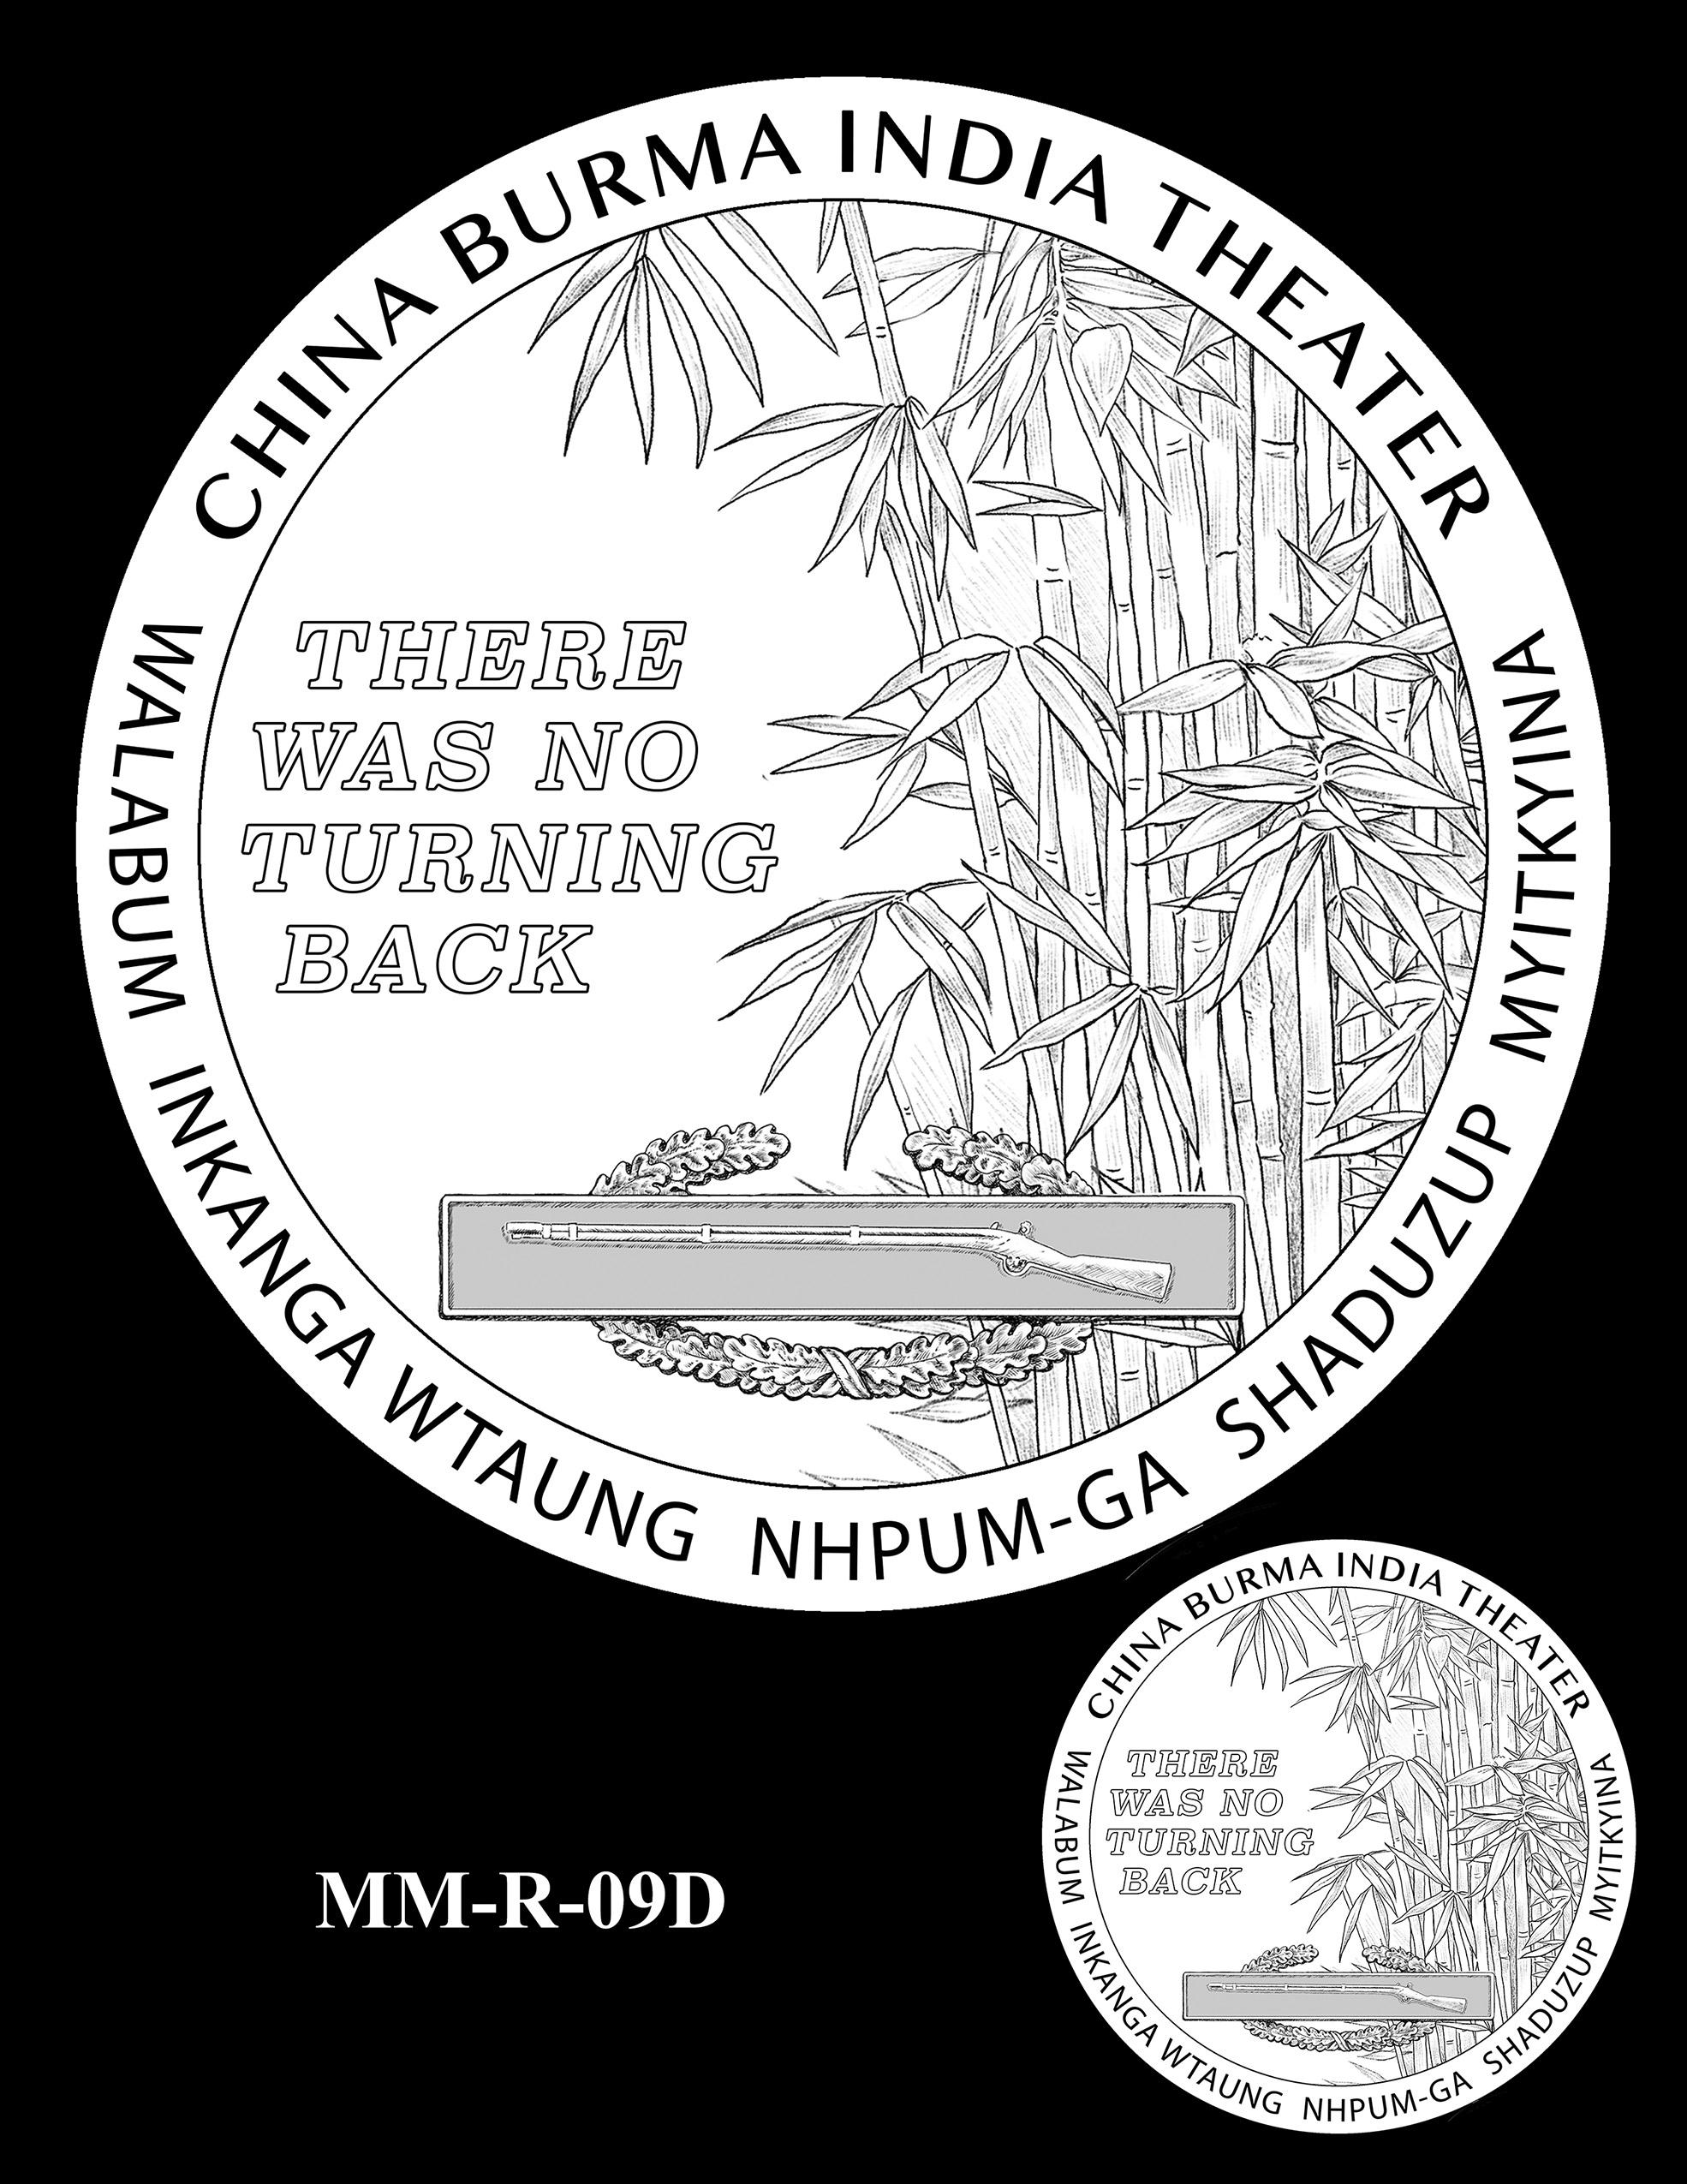 MM-R-09D -- Merrill's Marauders Congressional Gold Medal